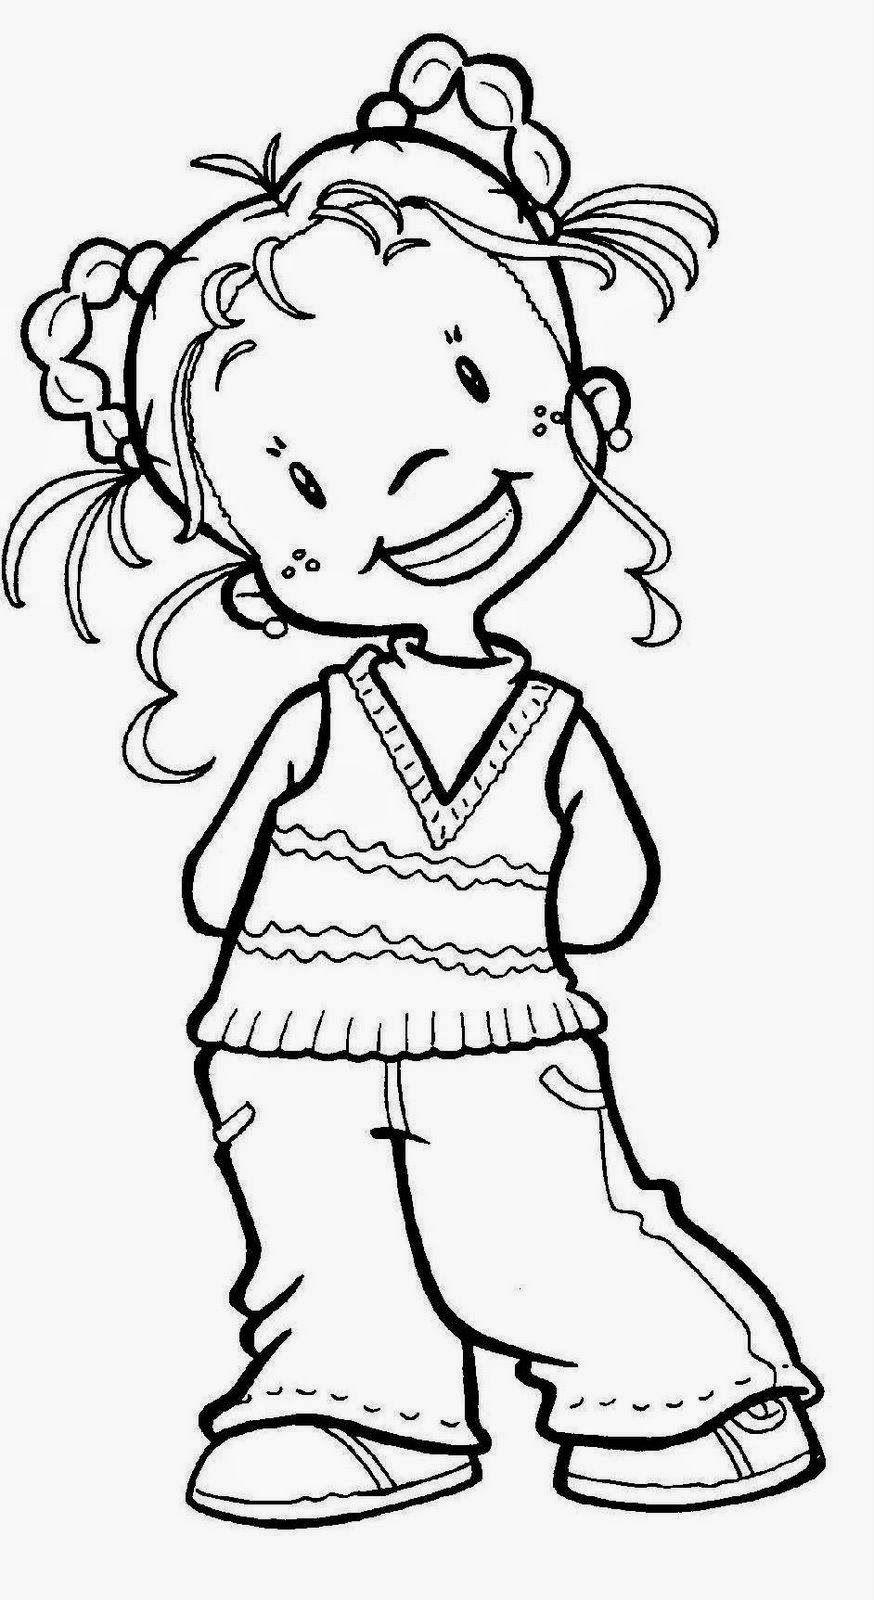 Dibujos De Ninos Y Ninas Para Colorear Con Imagenes Dibujos